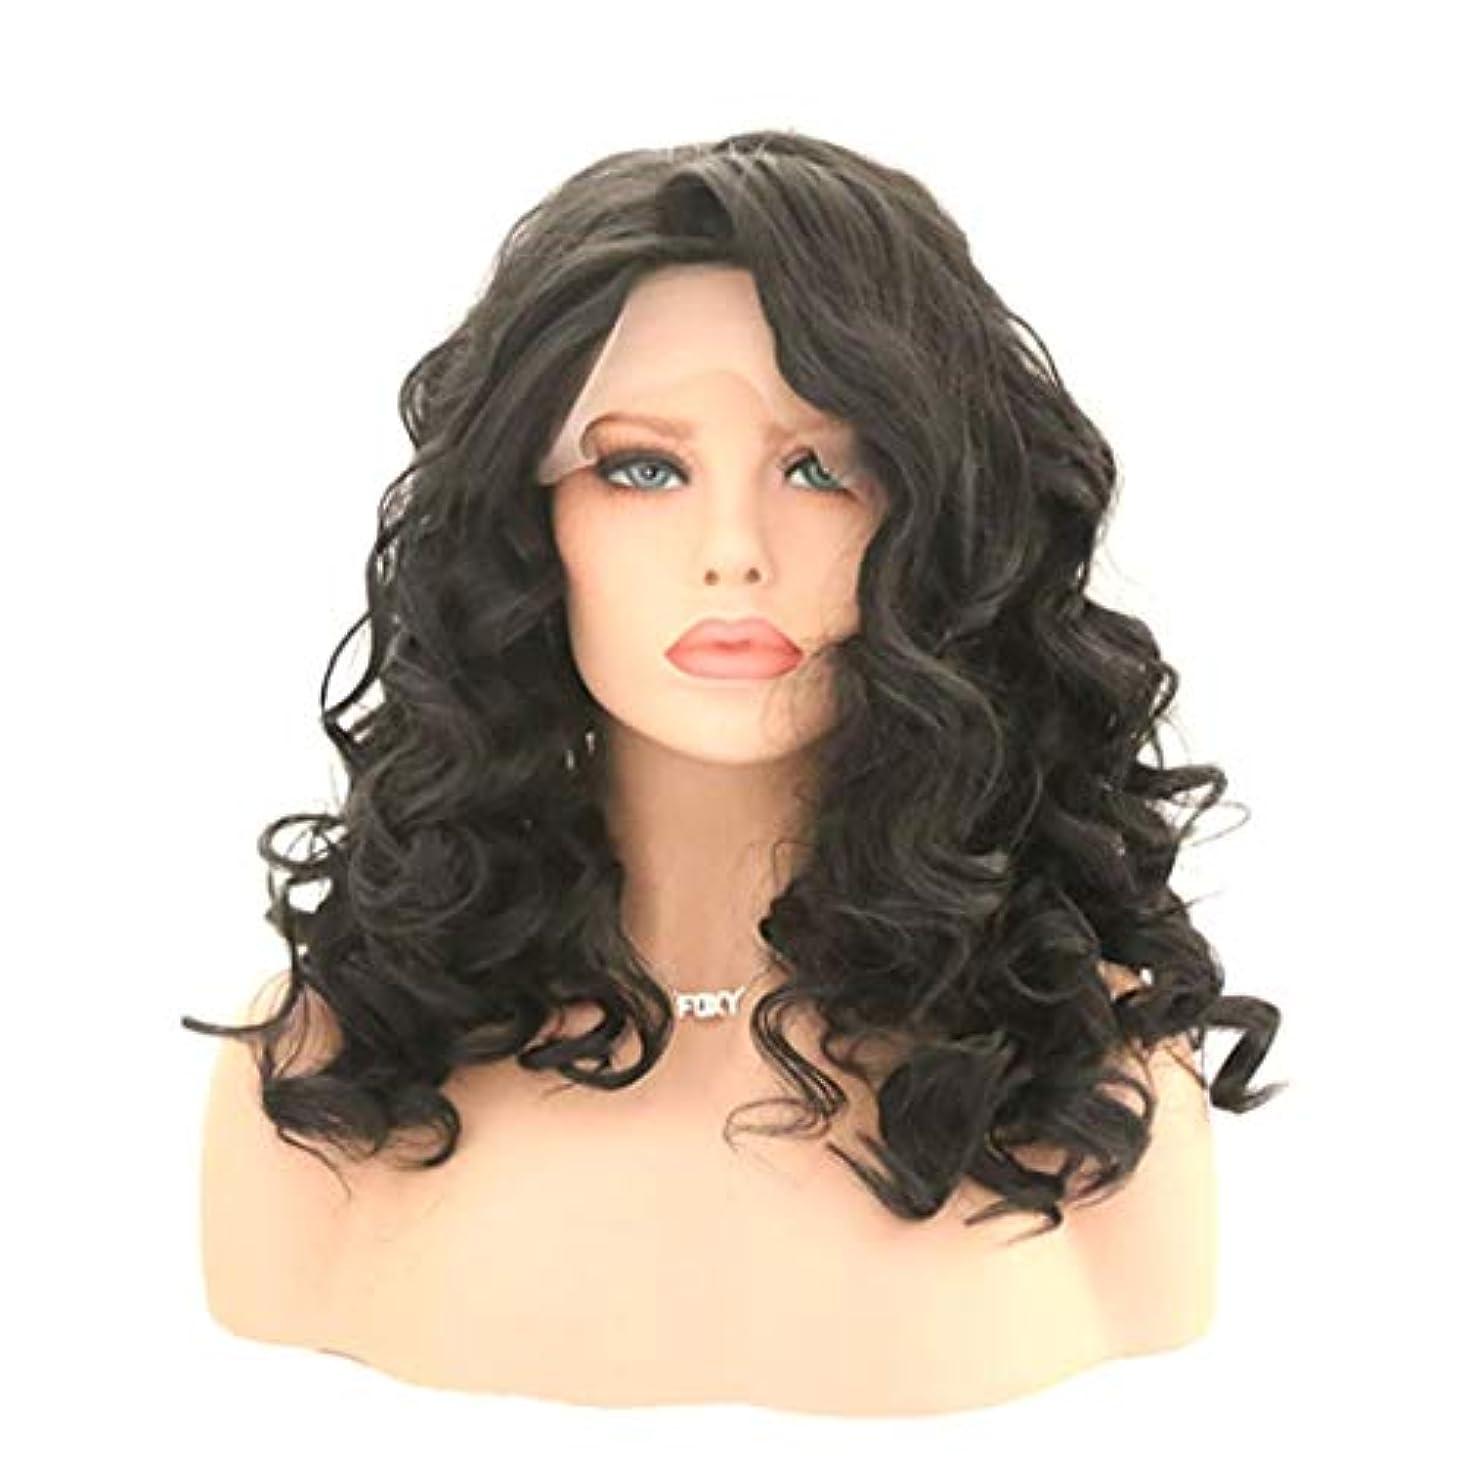 アボートアラブ人思われるKerwinner 女性のためのカーリー波状かつら前髪付きかつら人工毛髪かつら自然なかつら (Size : 22 inches)